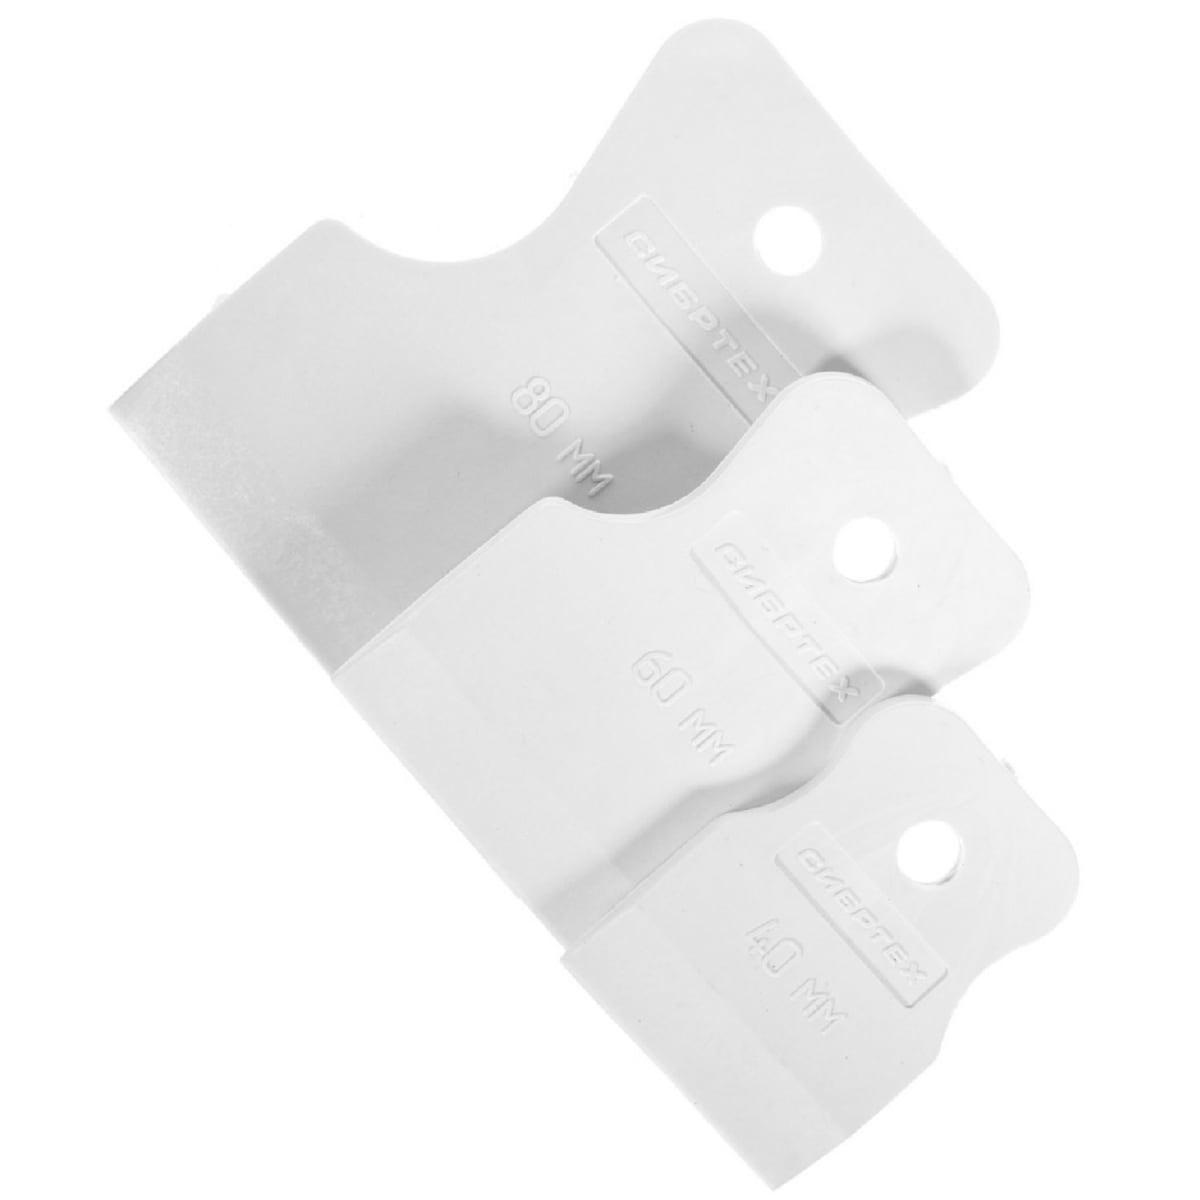 Набор шпателей Сибртех белая резина 40/60/80 мм, 3 шт.